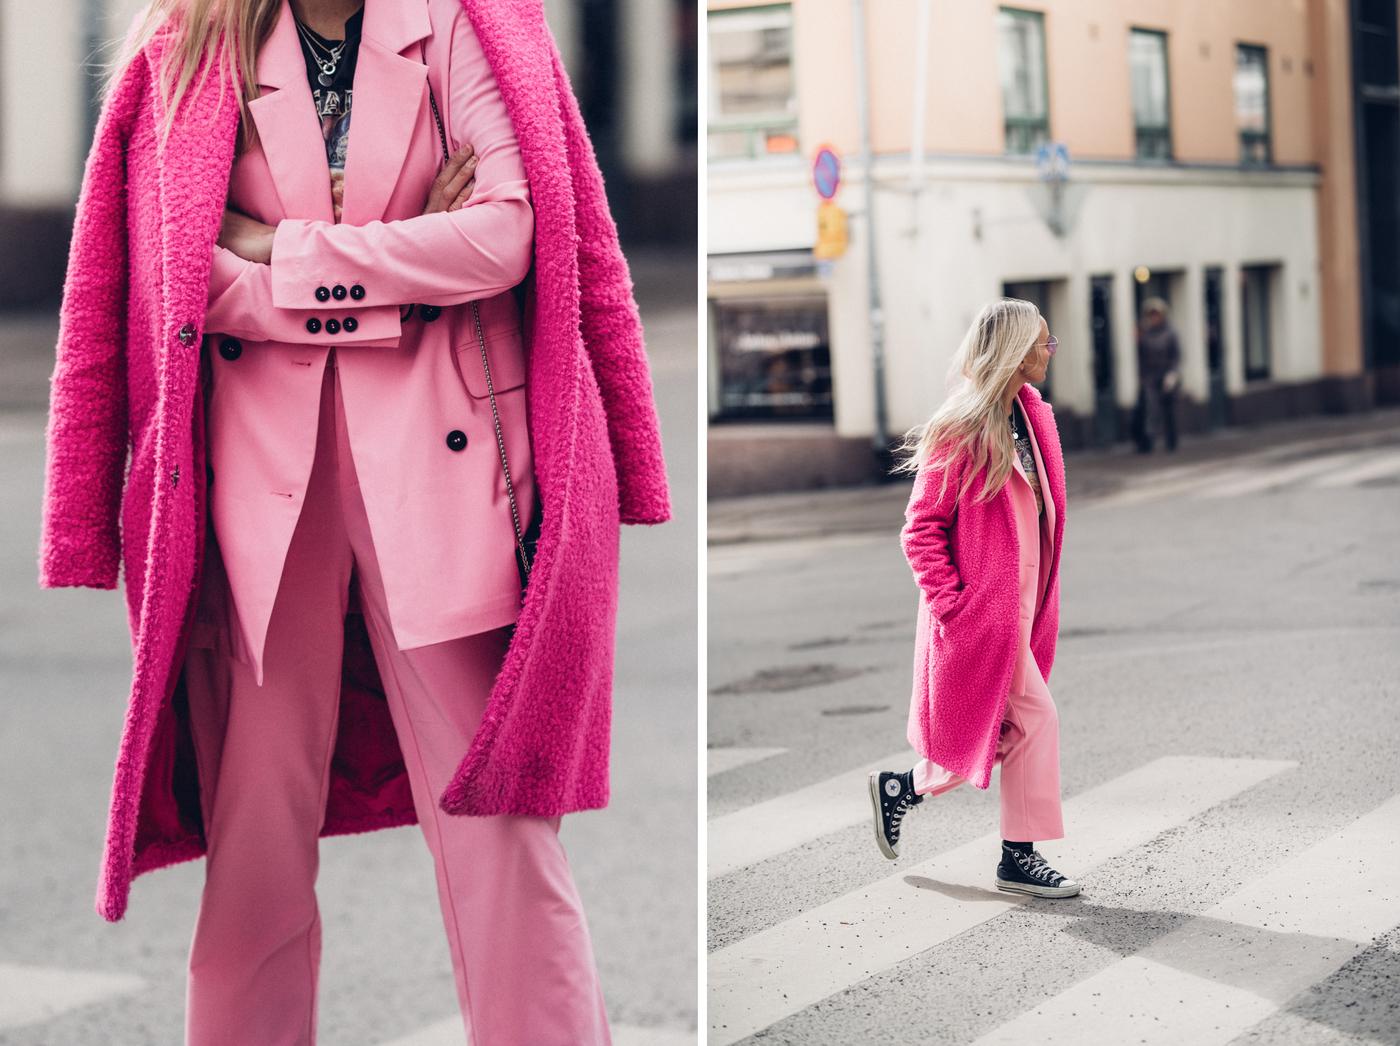 pinksuit2.jpg